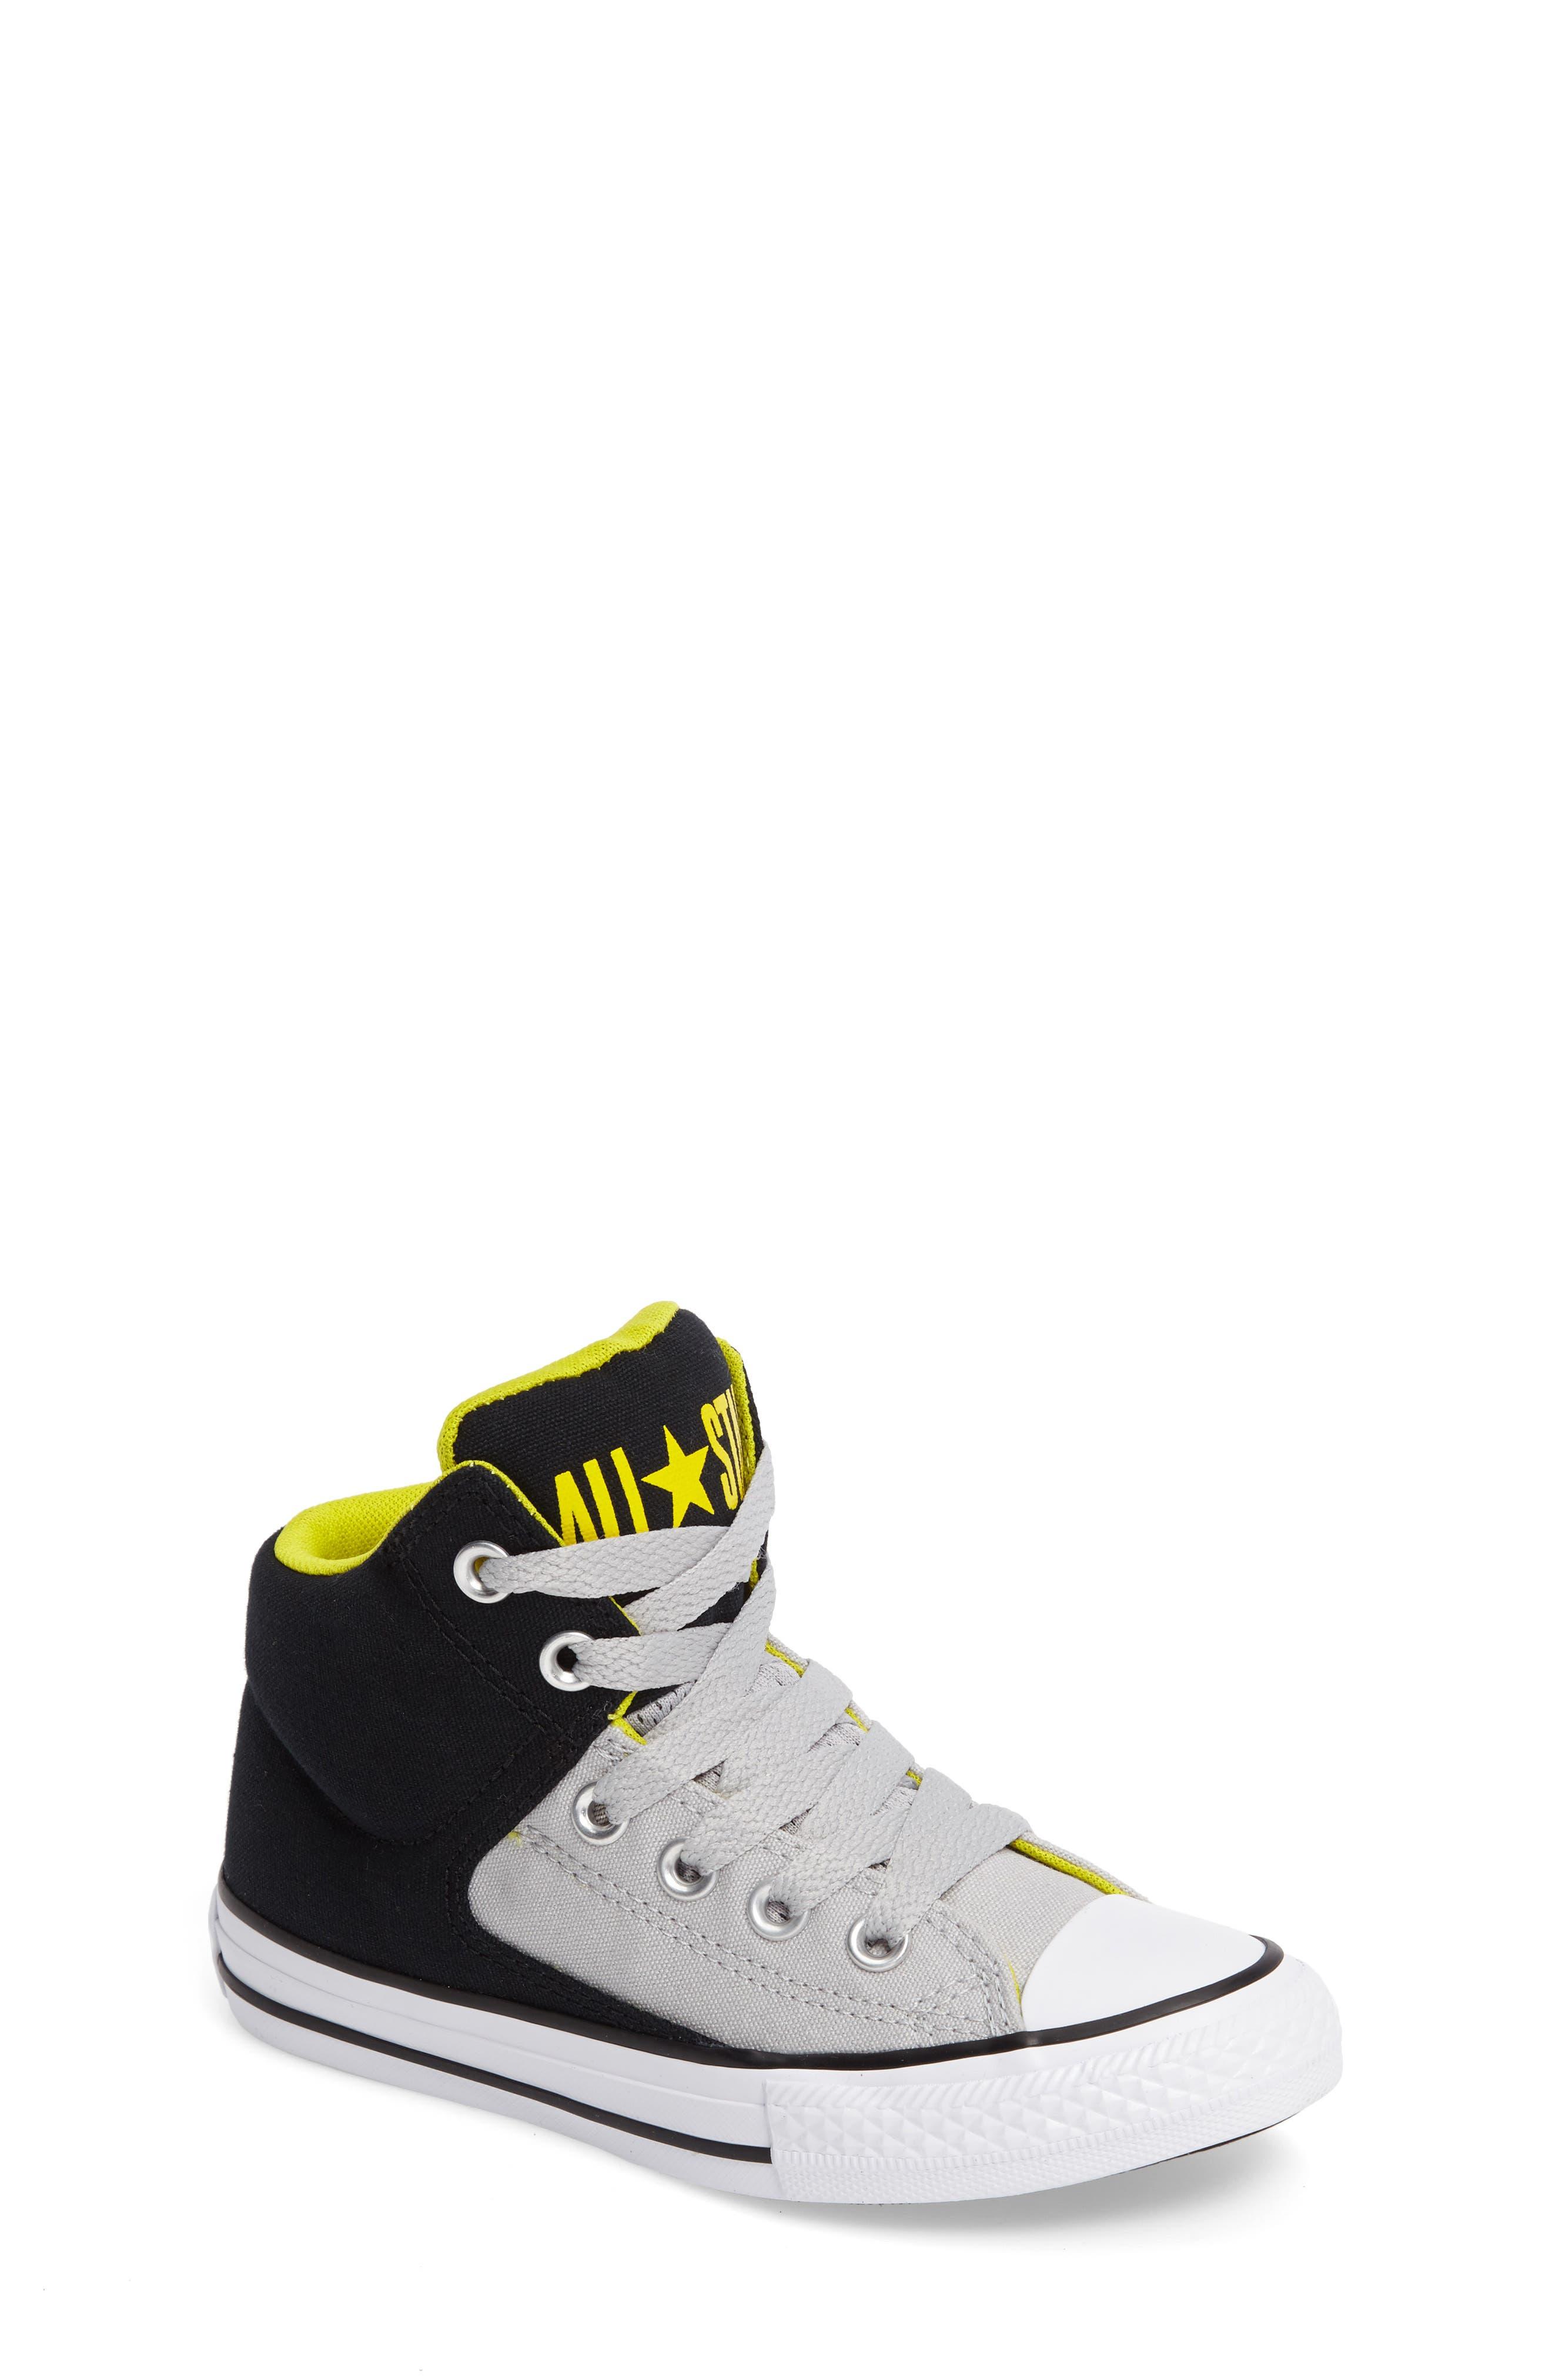 Converse Chuck Taylor® All Star® 'High Street' High Top Sneaker (Toddler, Little Kid & Big Kid)